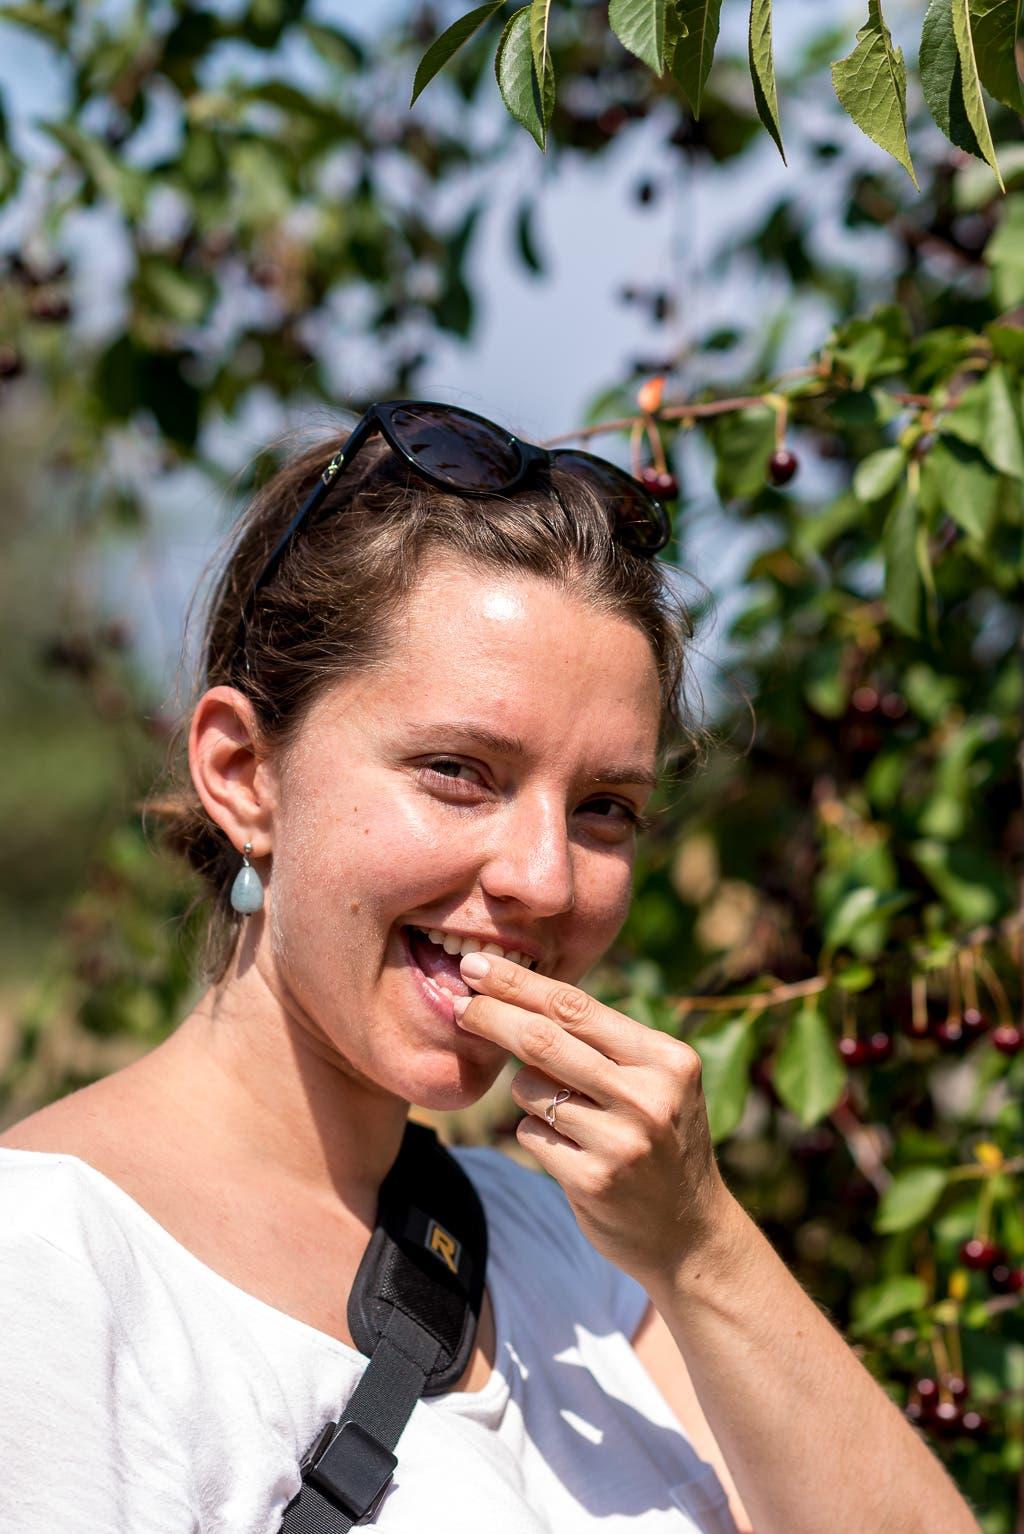 lachende Frau beim Kirschenessen